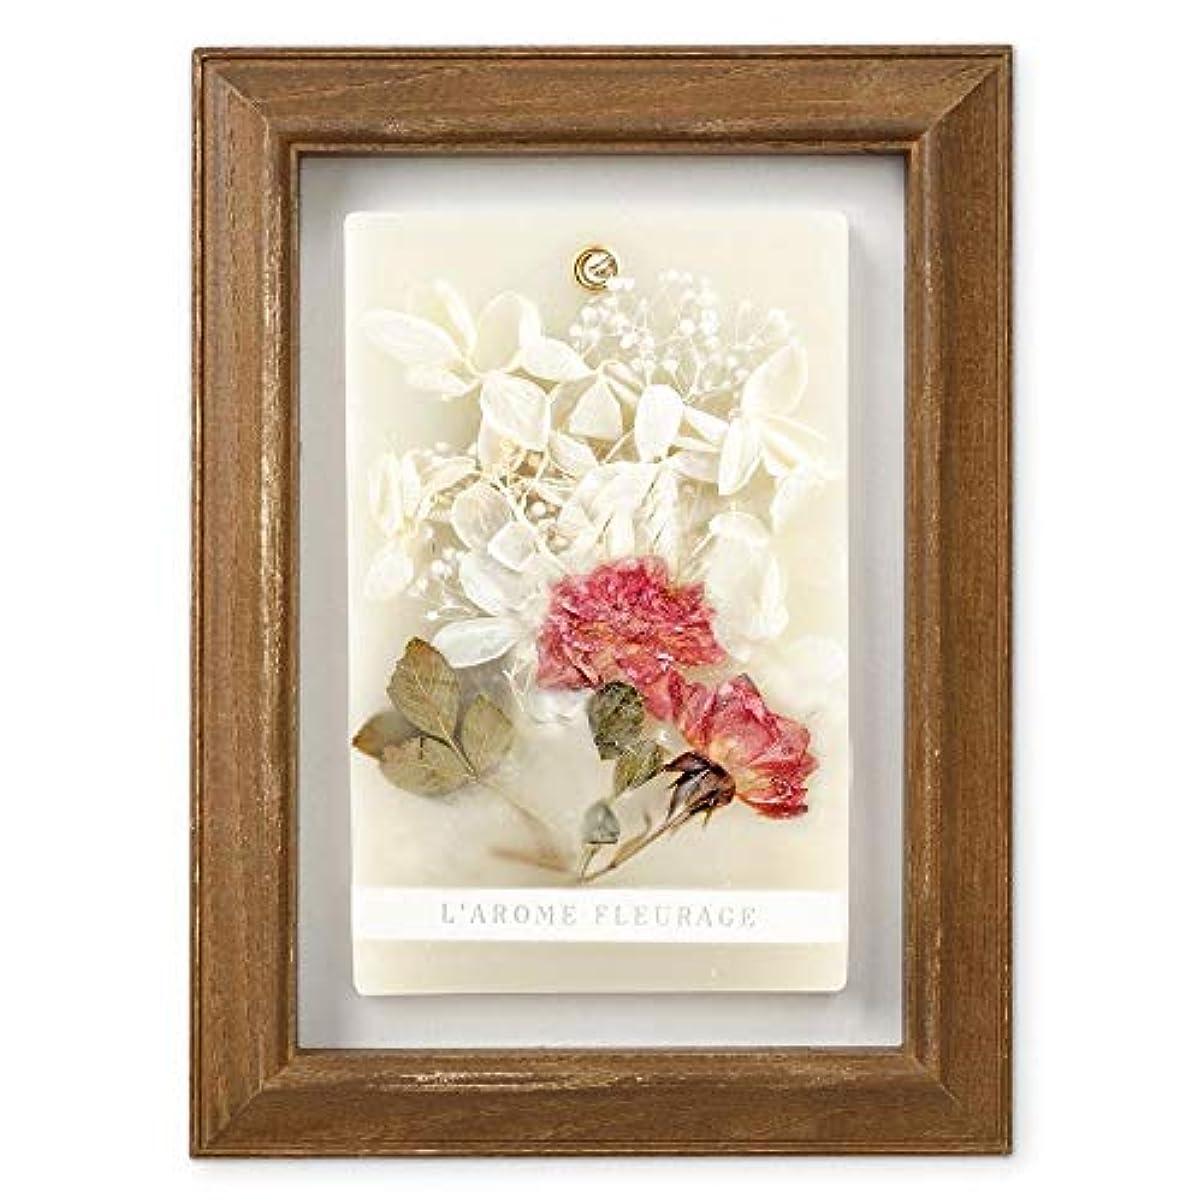 オーバーコート統治可能ファイアルFLEURAGE(フルラージュ) アロマワックスサシェ ワイルドローズの香り Rose×AntiqueBrown KH-61122